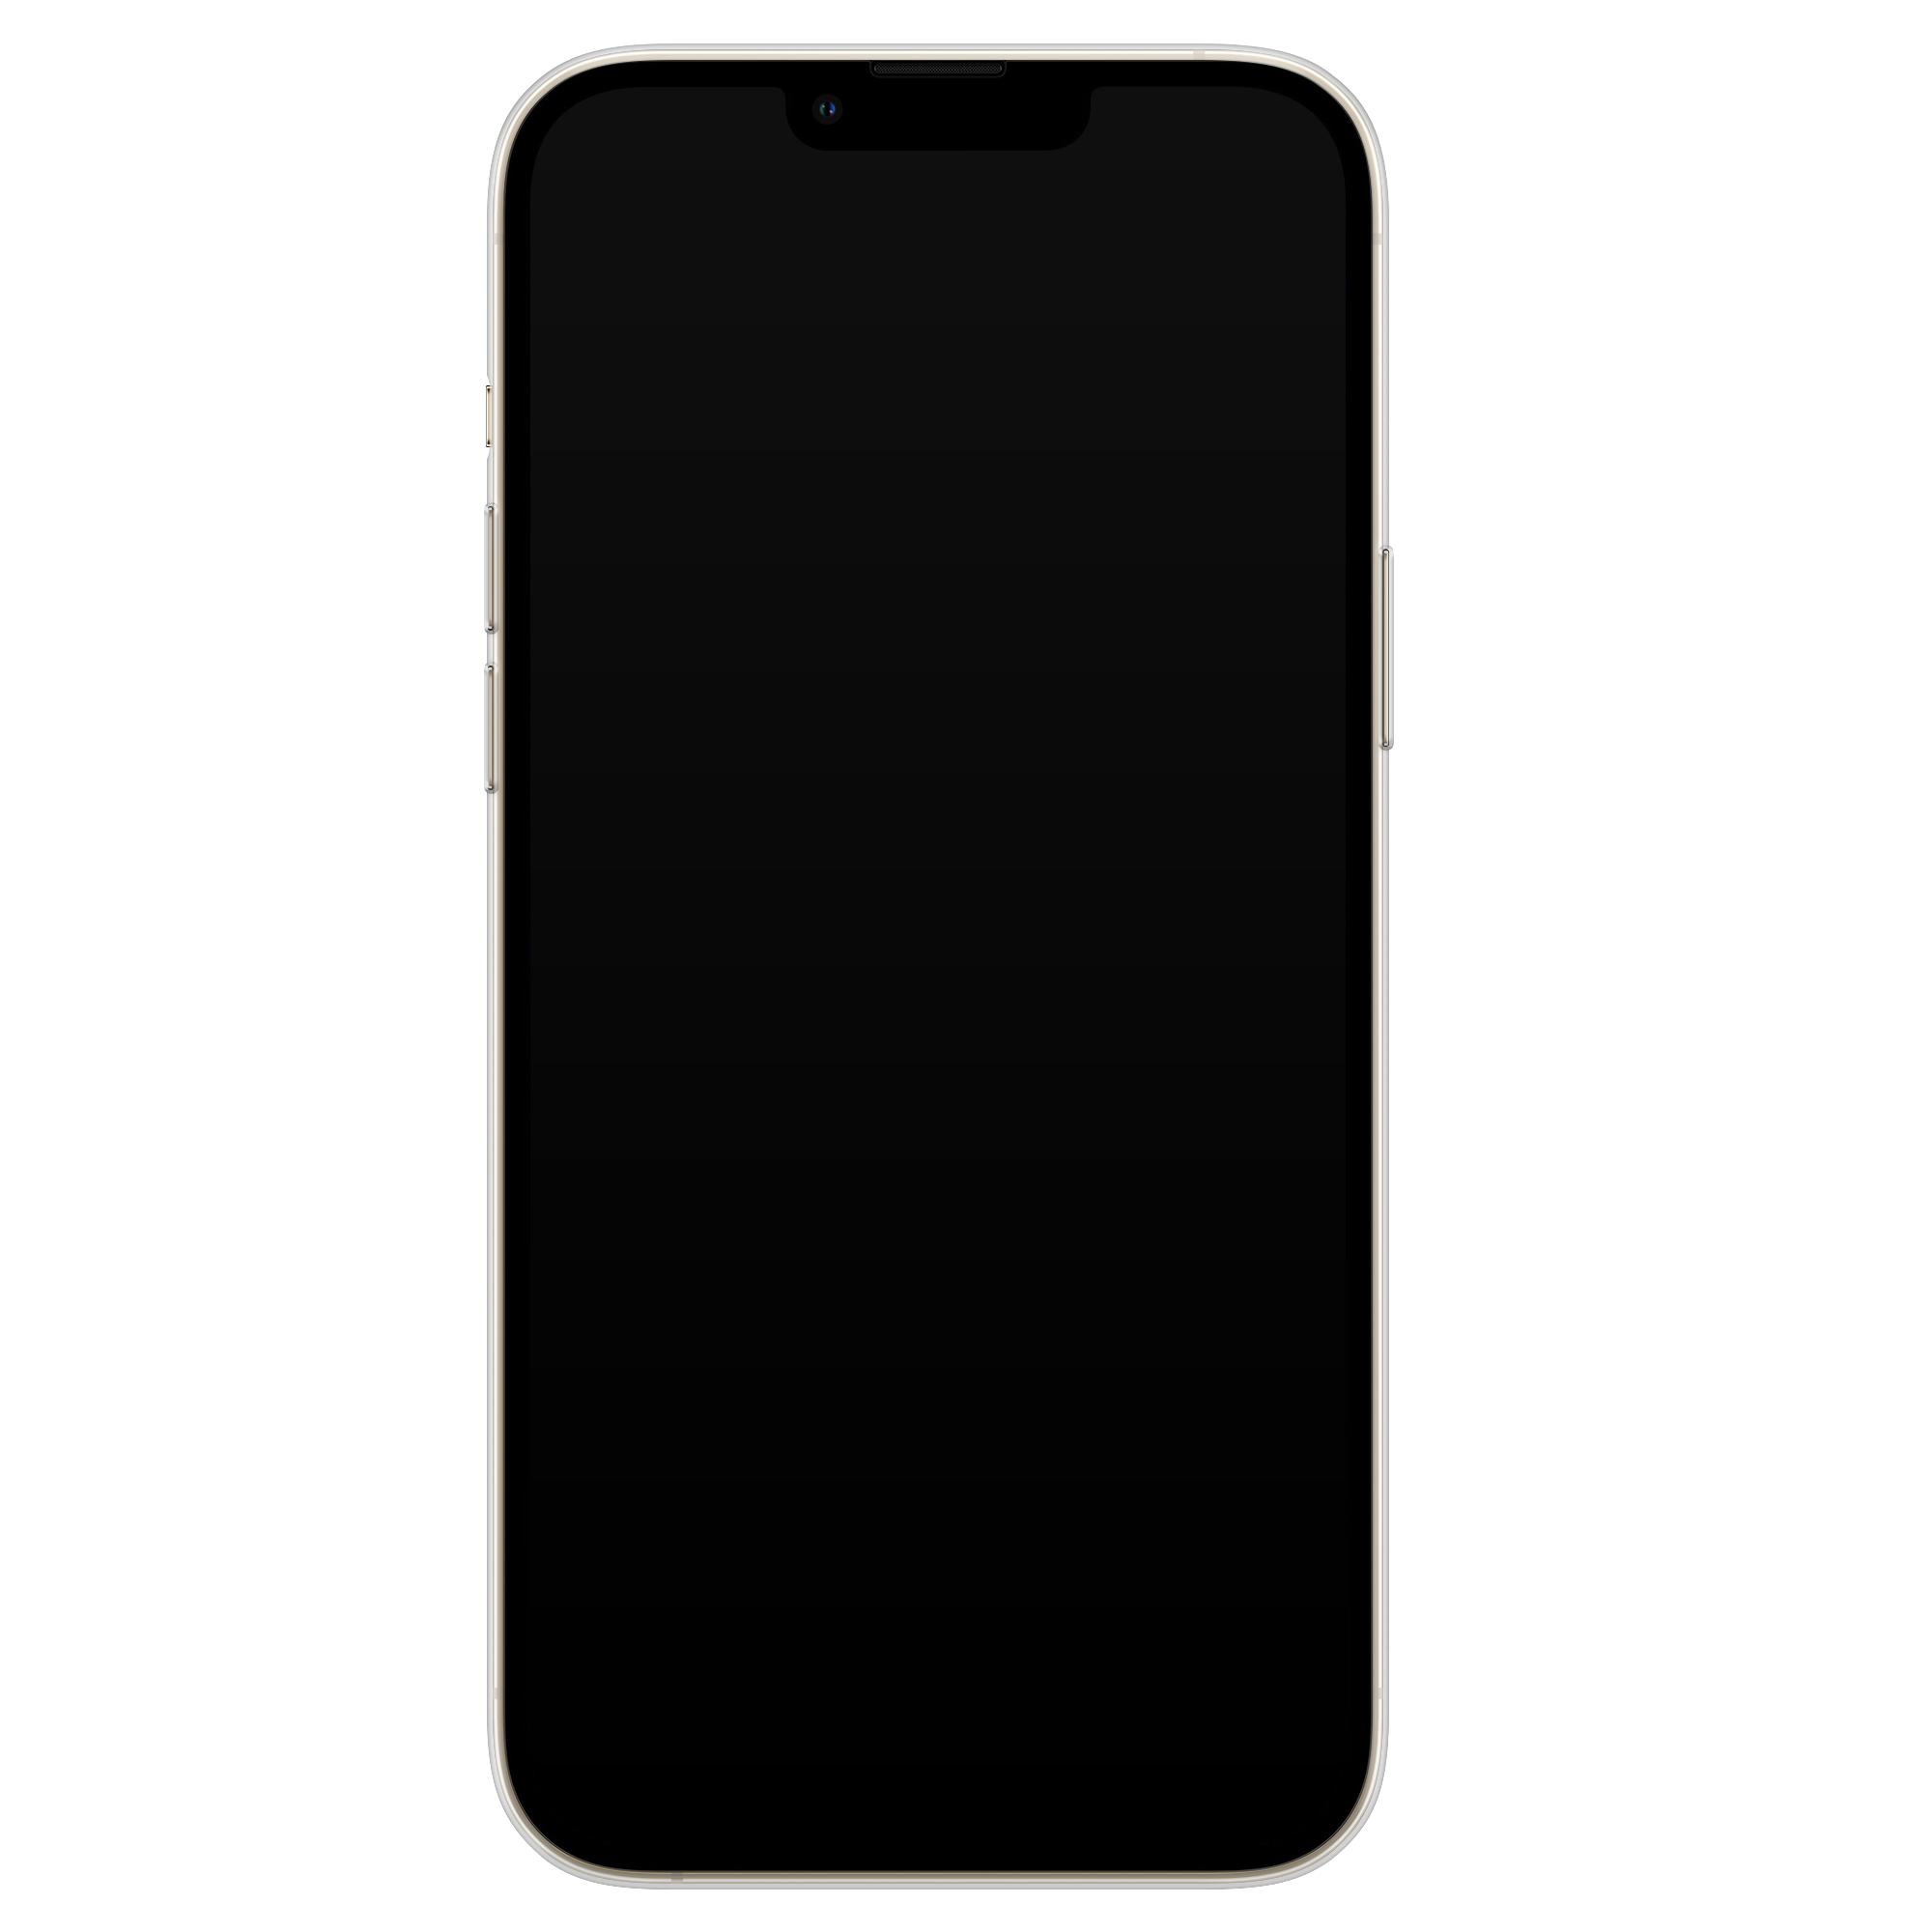 Leuke Telefoonhoesjes iPhone 13 Pro Max siliconen hoesje - Luipaard mint